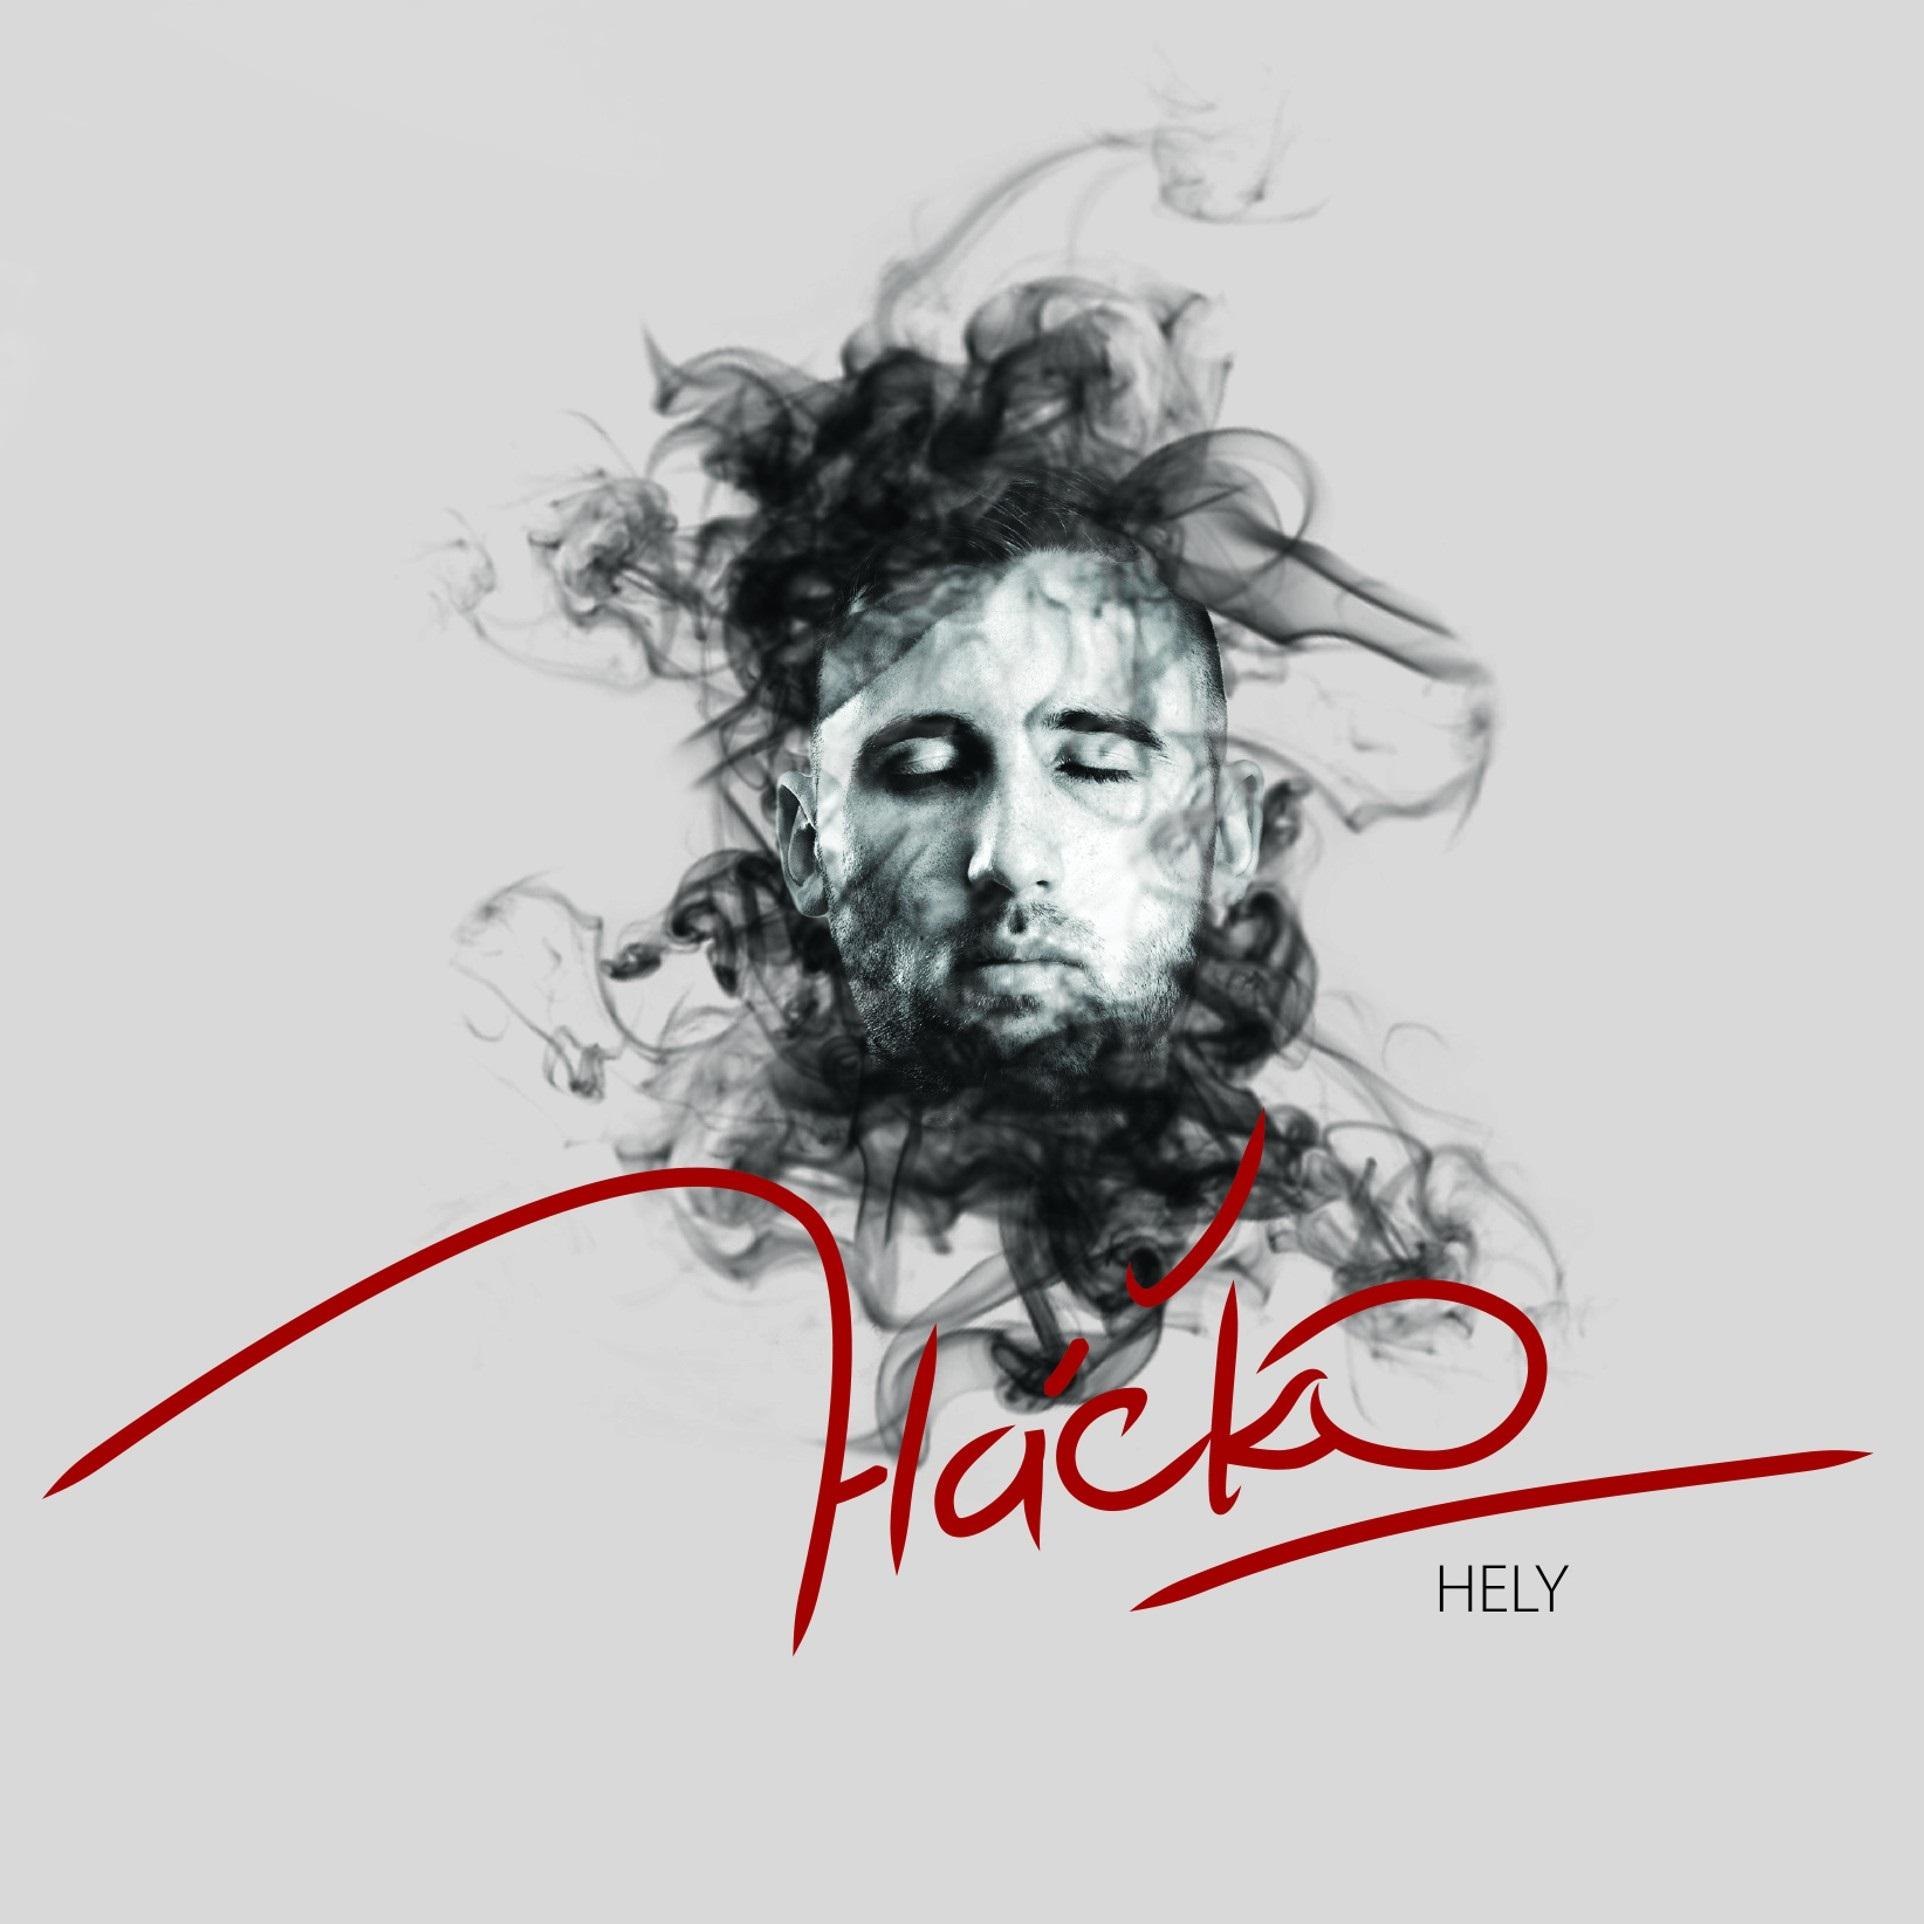 Hely - Háčko